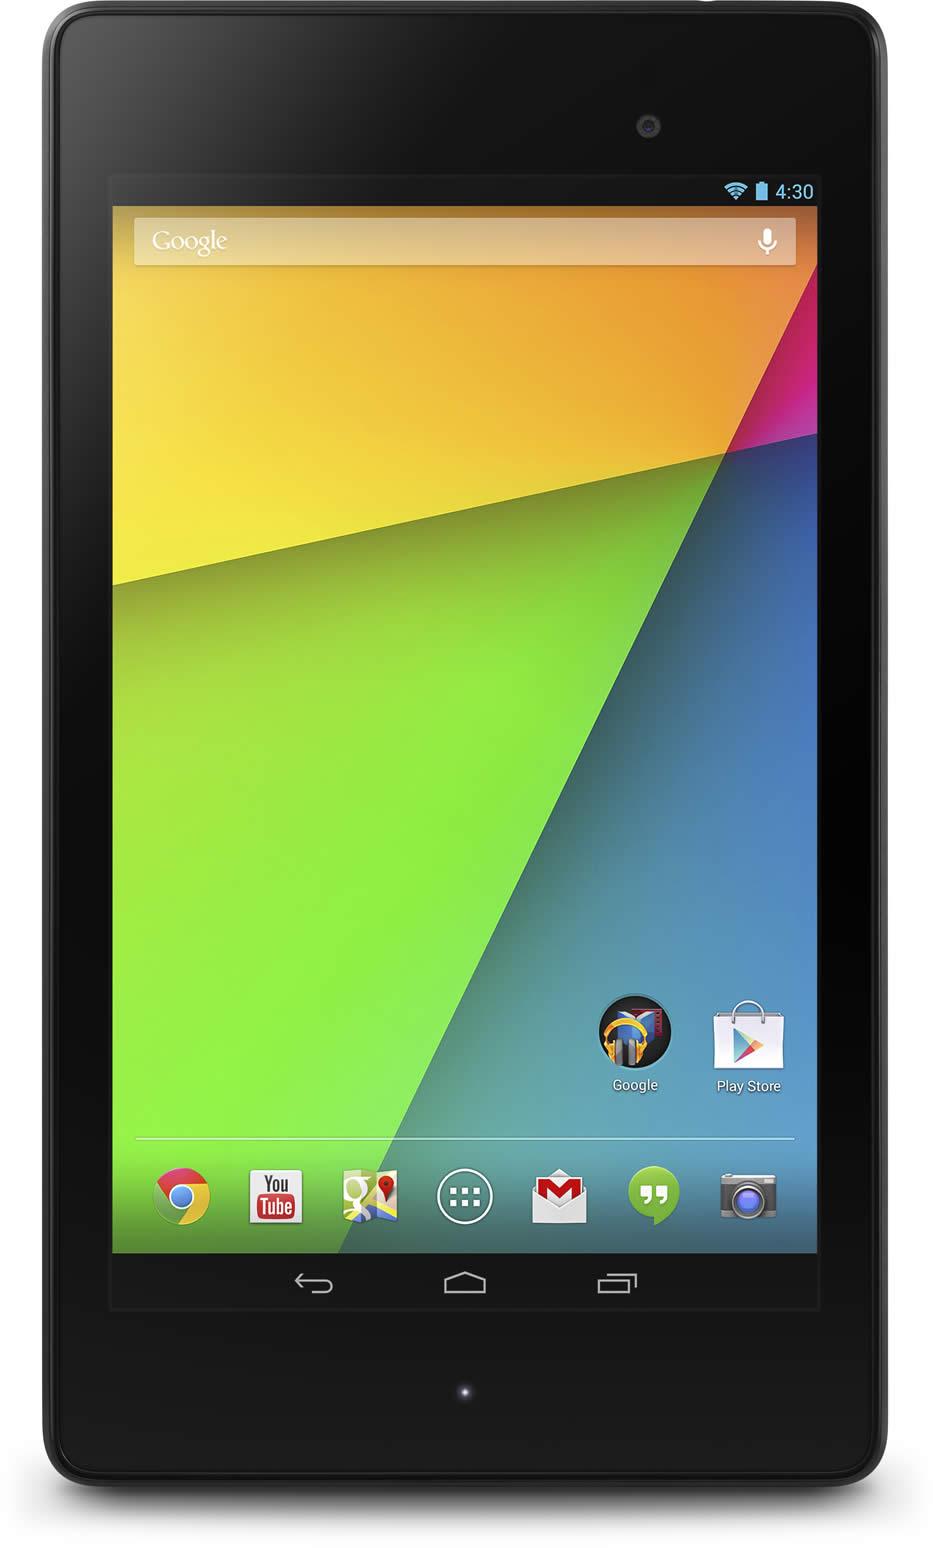 ASUS Nexus 7 LTE Price, Availability & Specs 19 Oct 2013